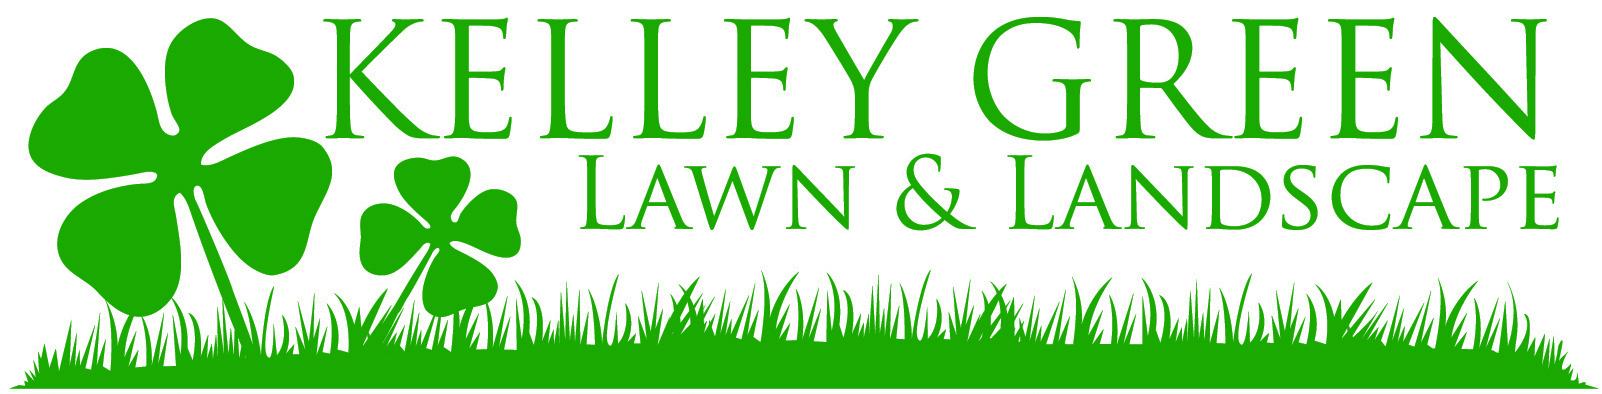 Kelley Green Lawn & Landscape